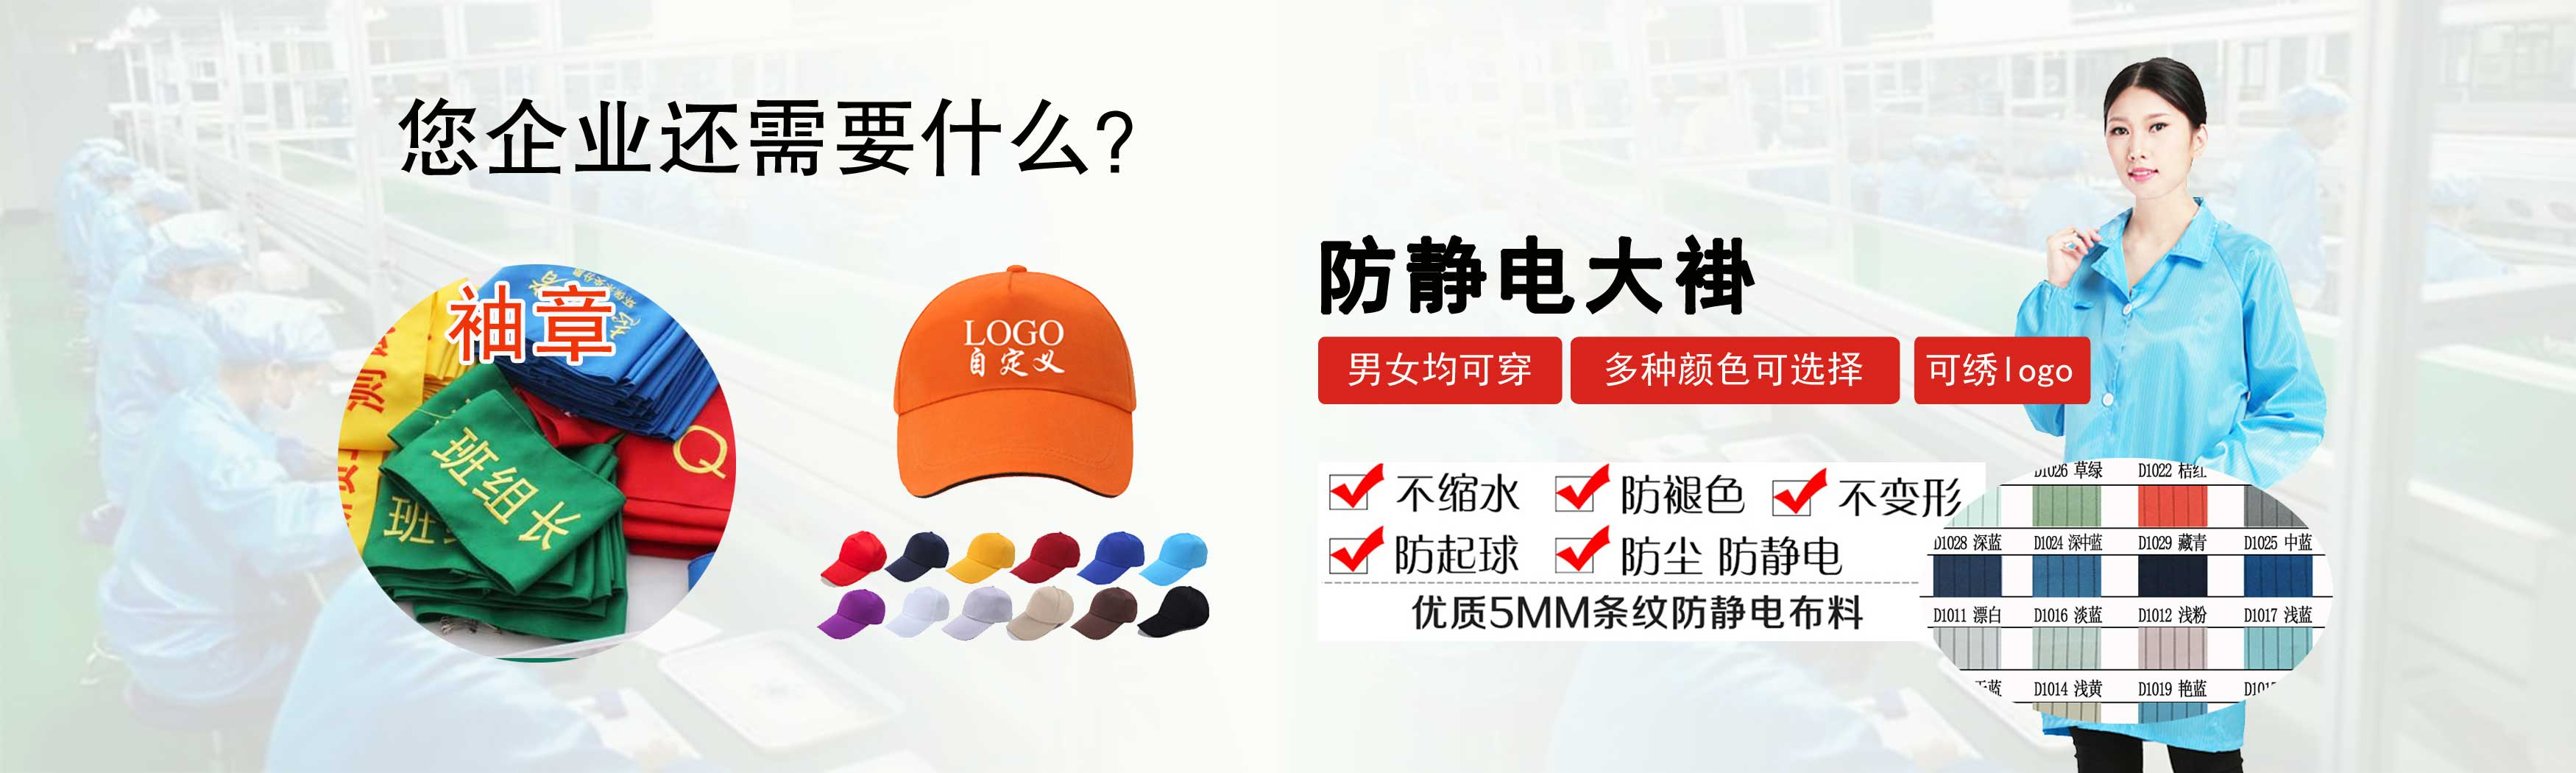 苏州大发手游官网下载 服装厂其它产品